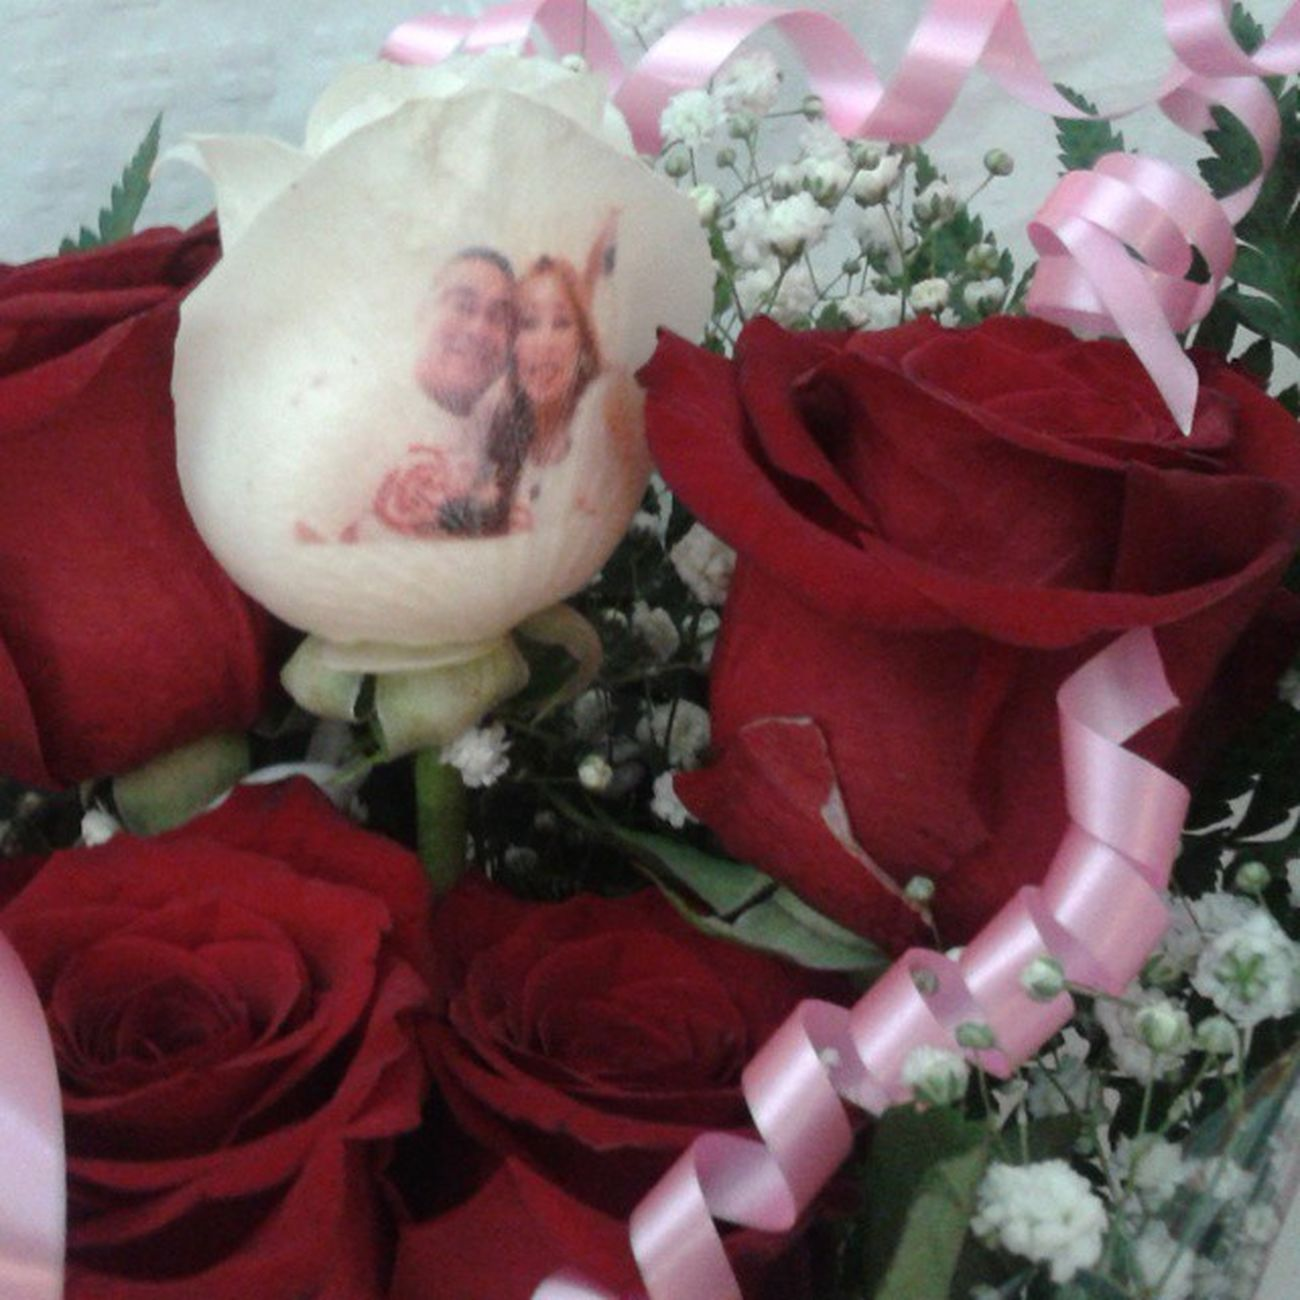 Ramo de rosas con una de ellas con el petalo tatuado con una fotografia. Http://graficflower.com Ramosderosas Rosaspersonalizadas Regalopersonalizado Regalooriginal Ramodeflores  Regalarflores Rosatatuada